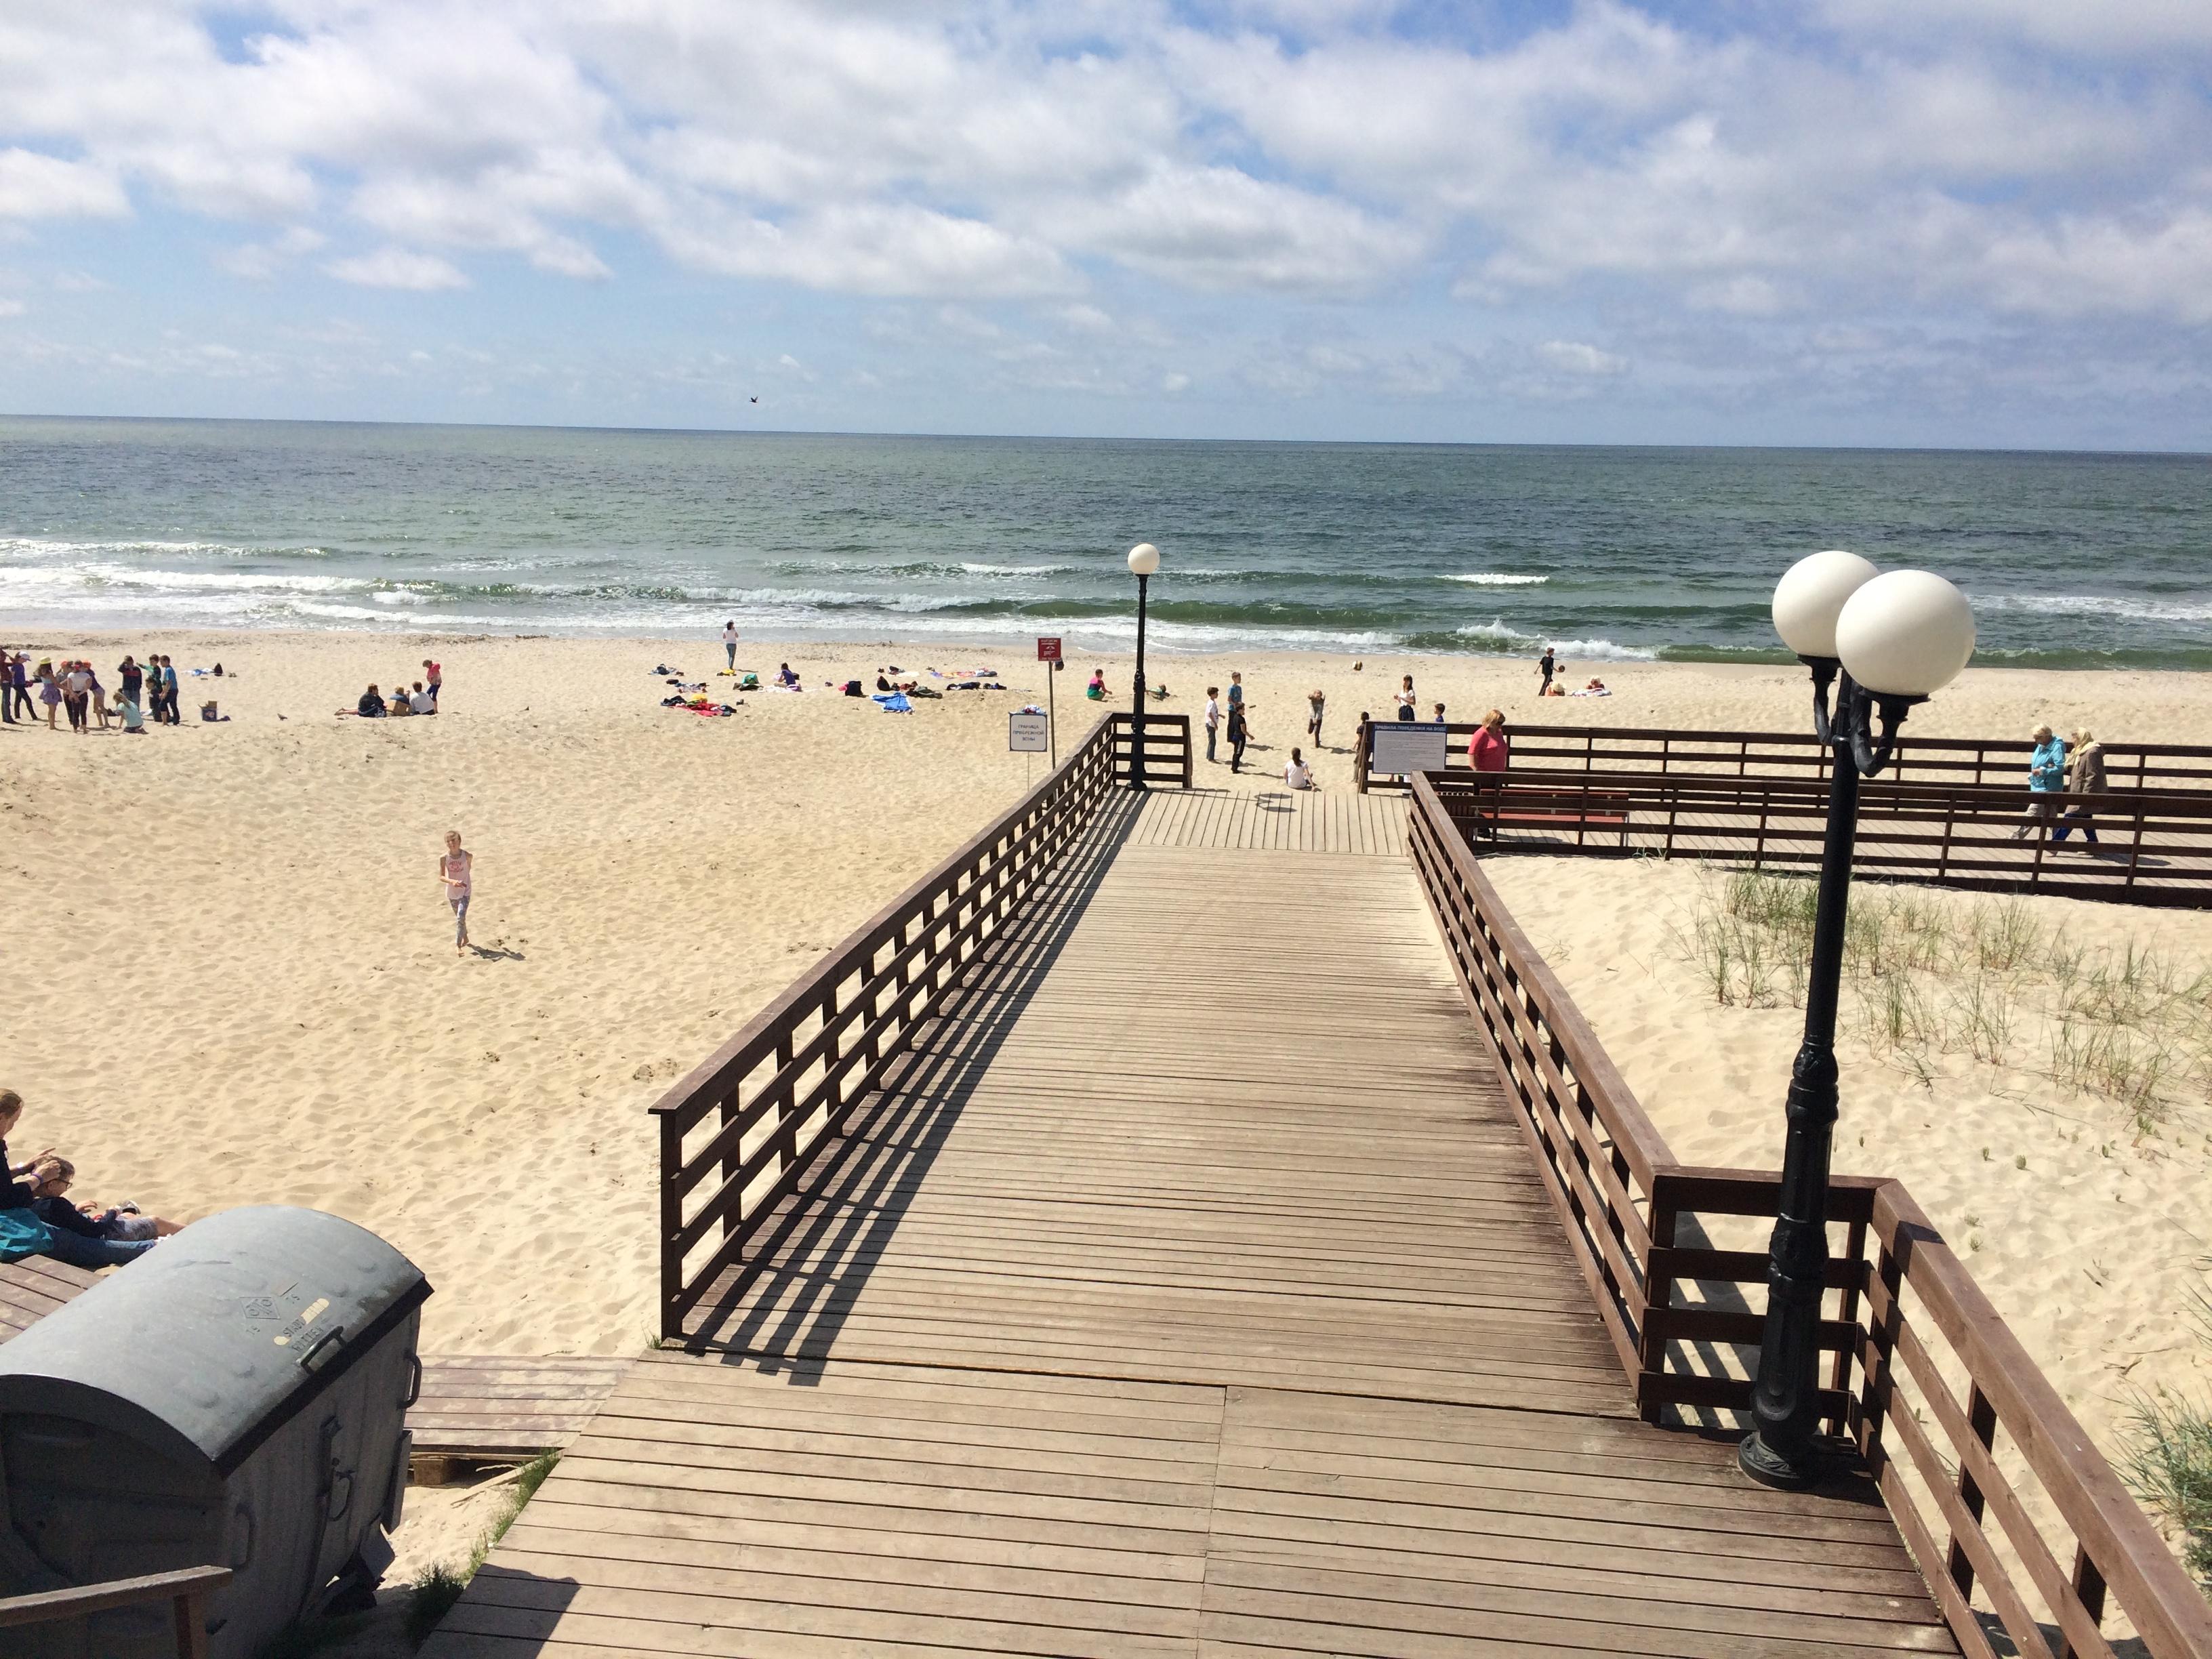 янтарный пляж фото качестве утюга люди